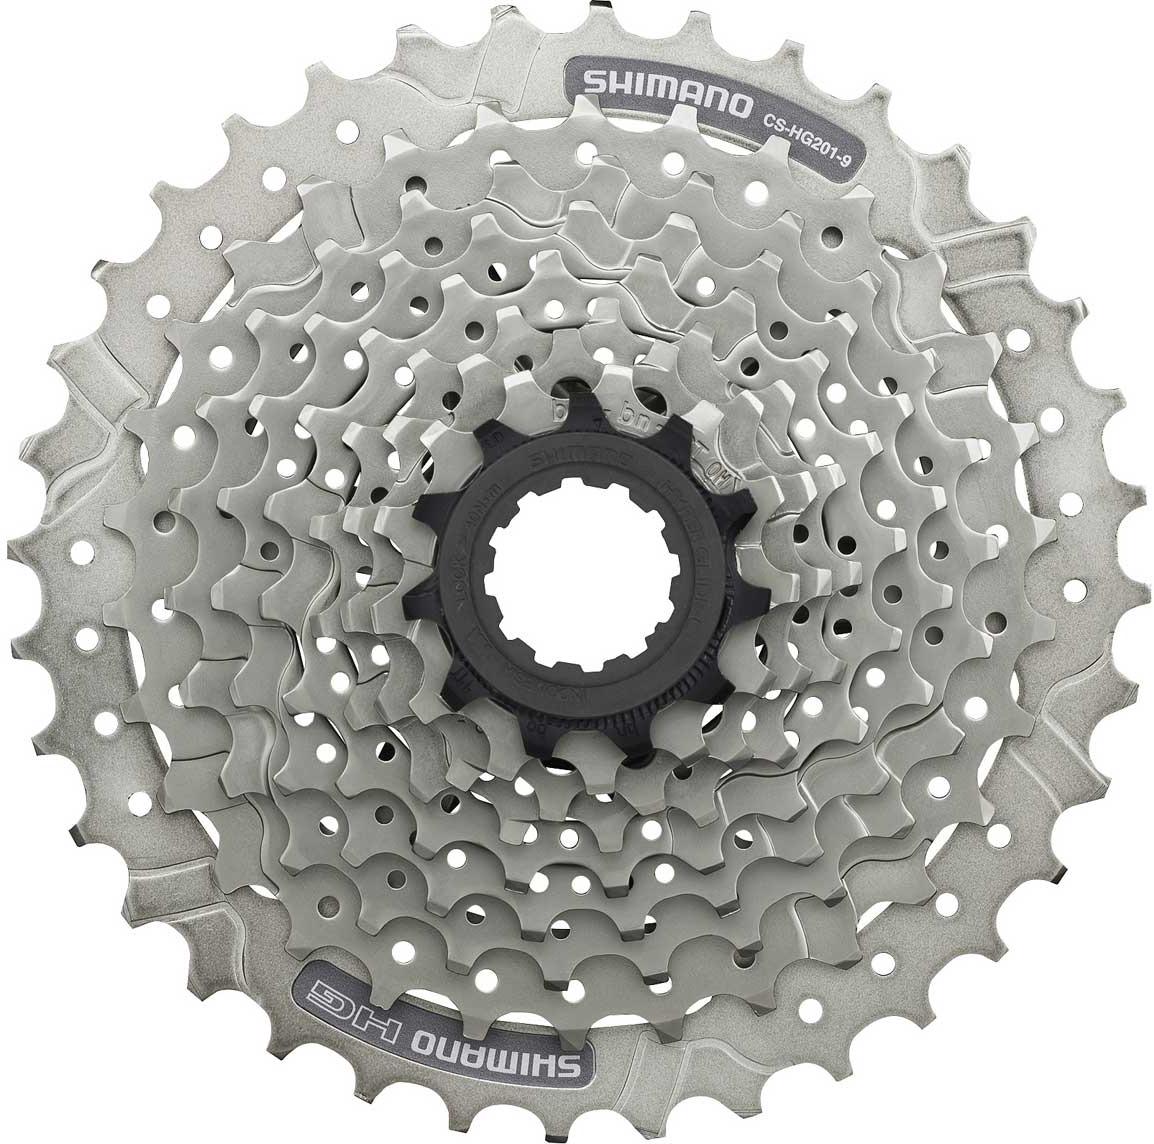 цена на Кассета для велосипеда Shimano HG201, 9 скоростей, 11-36, ECSHG2019136, серебристый